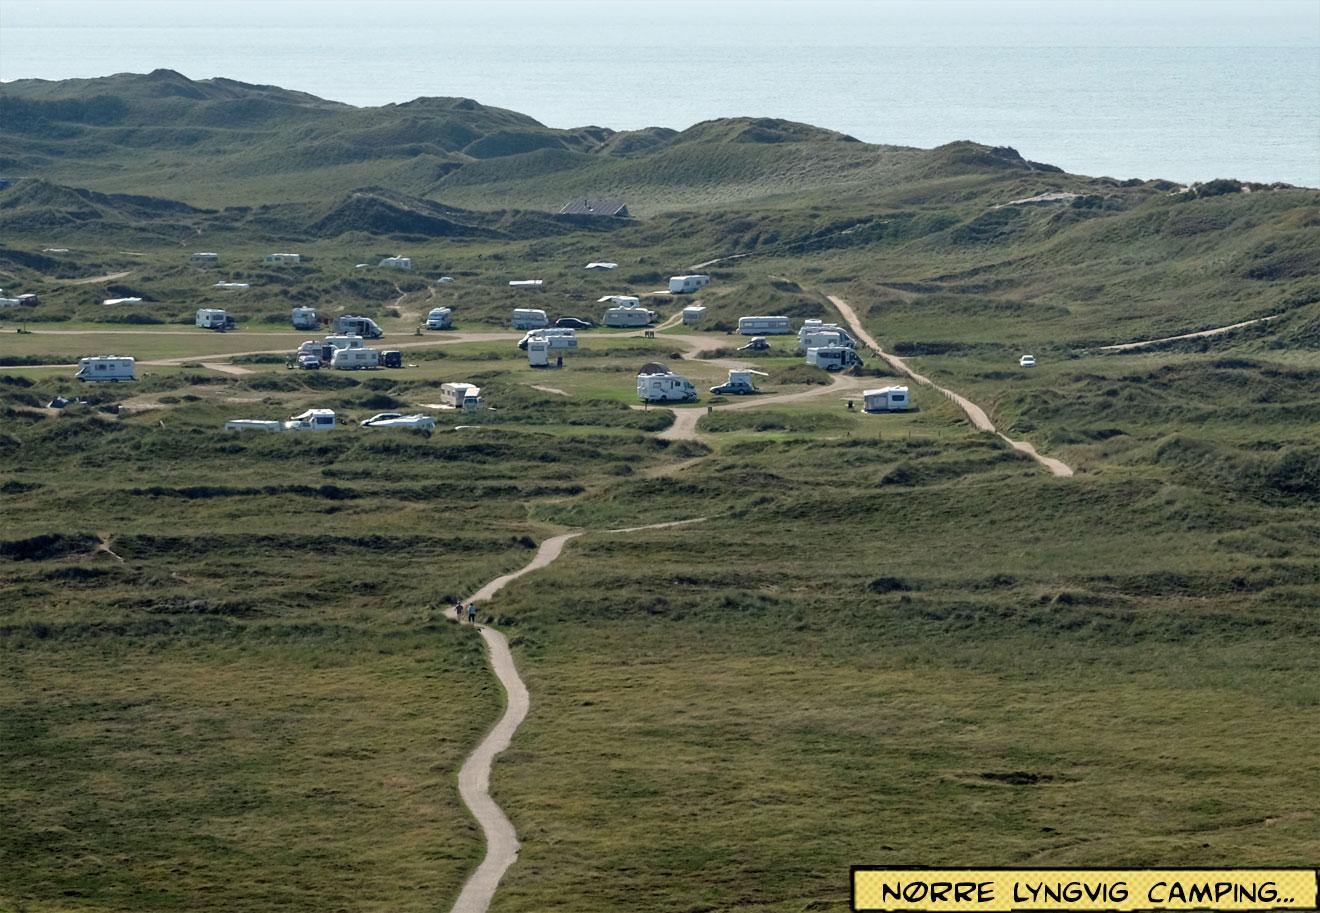 Nørre Lyngvig Camping